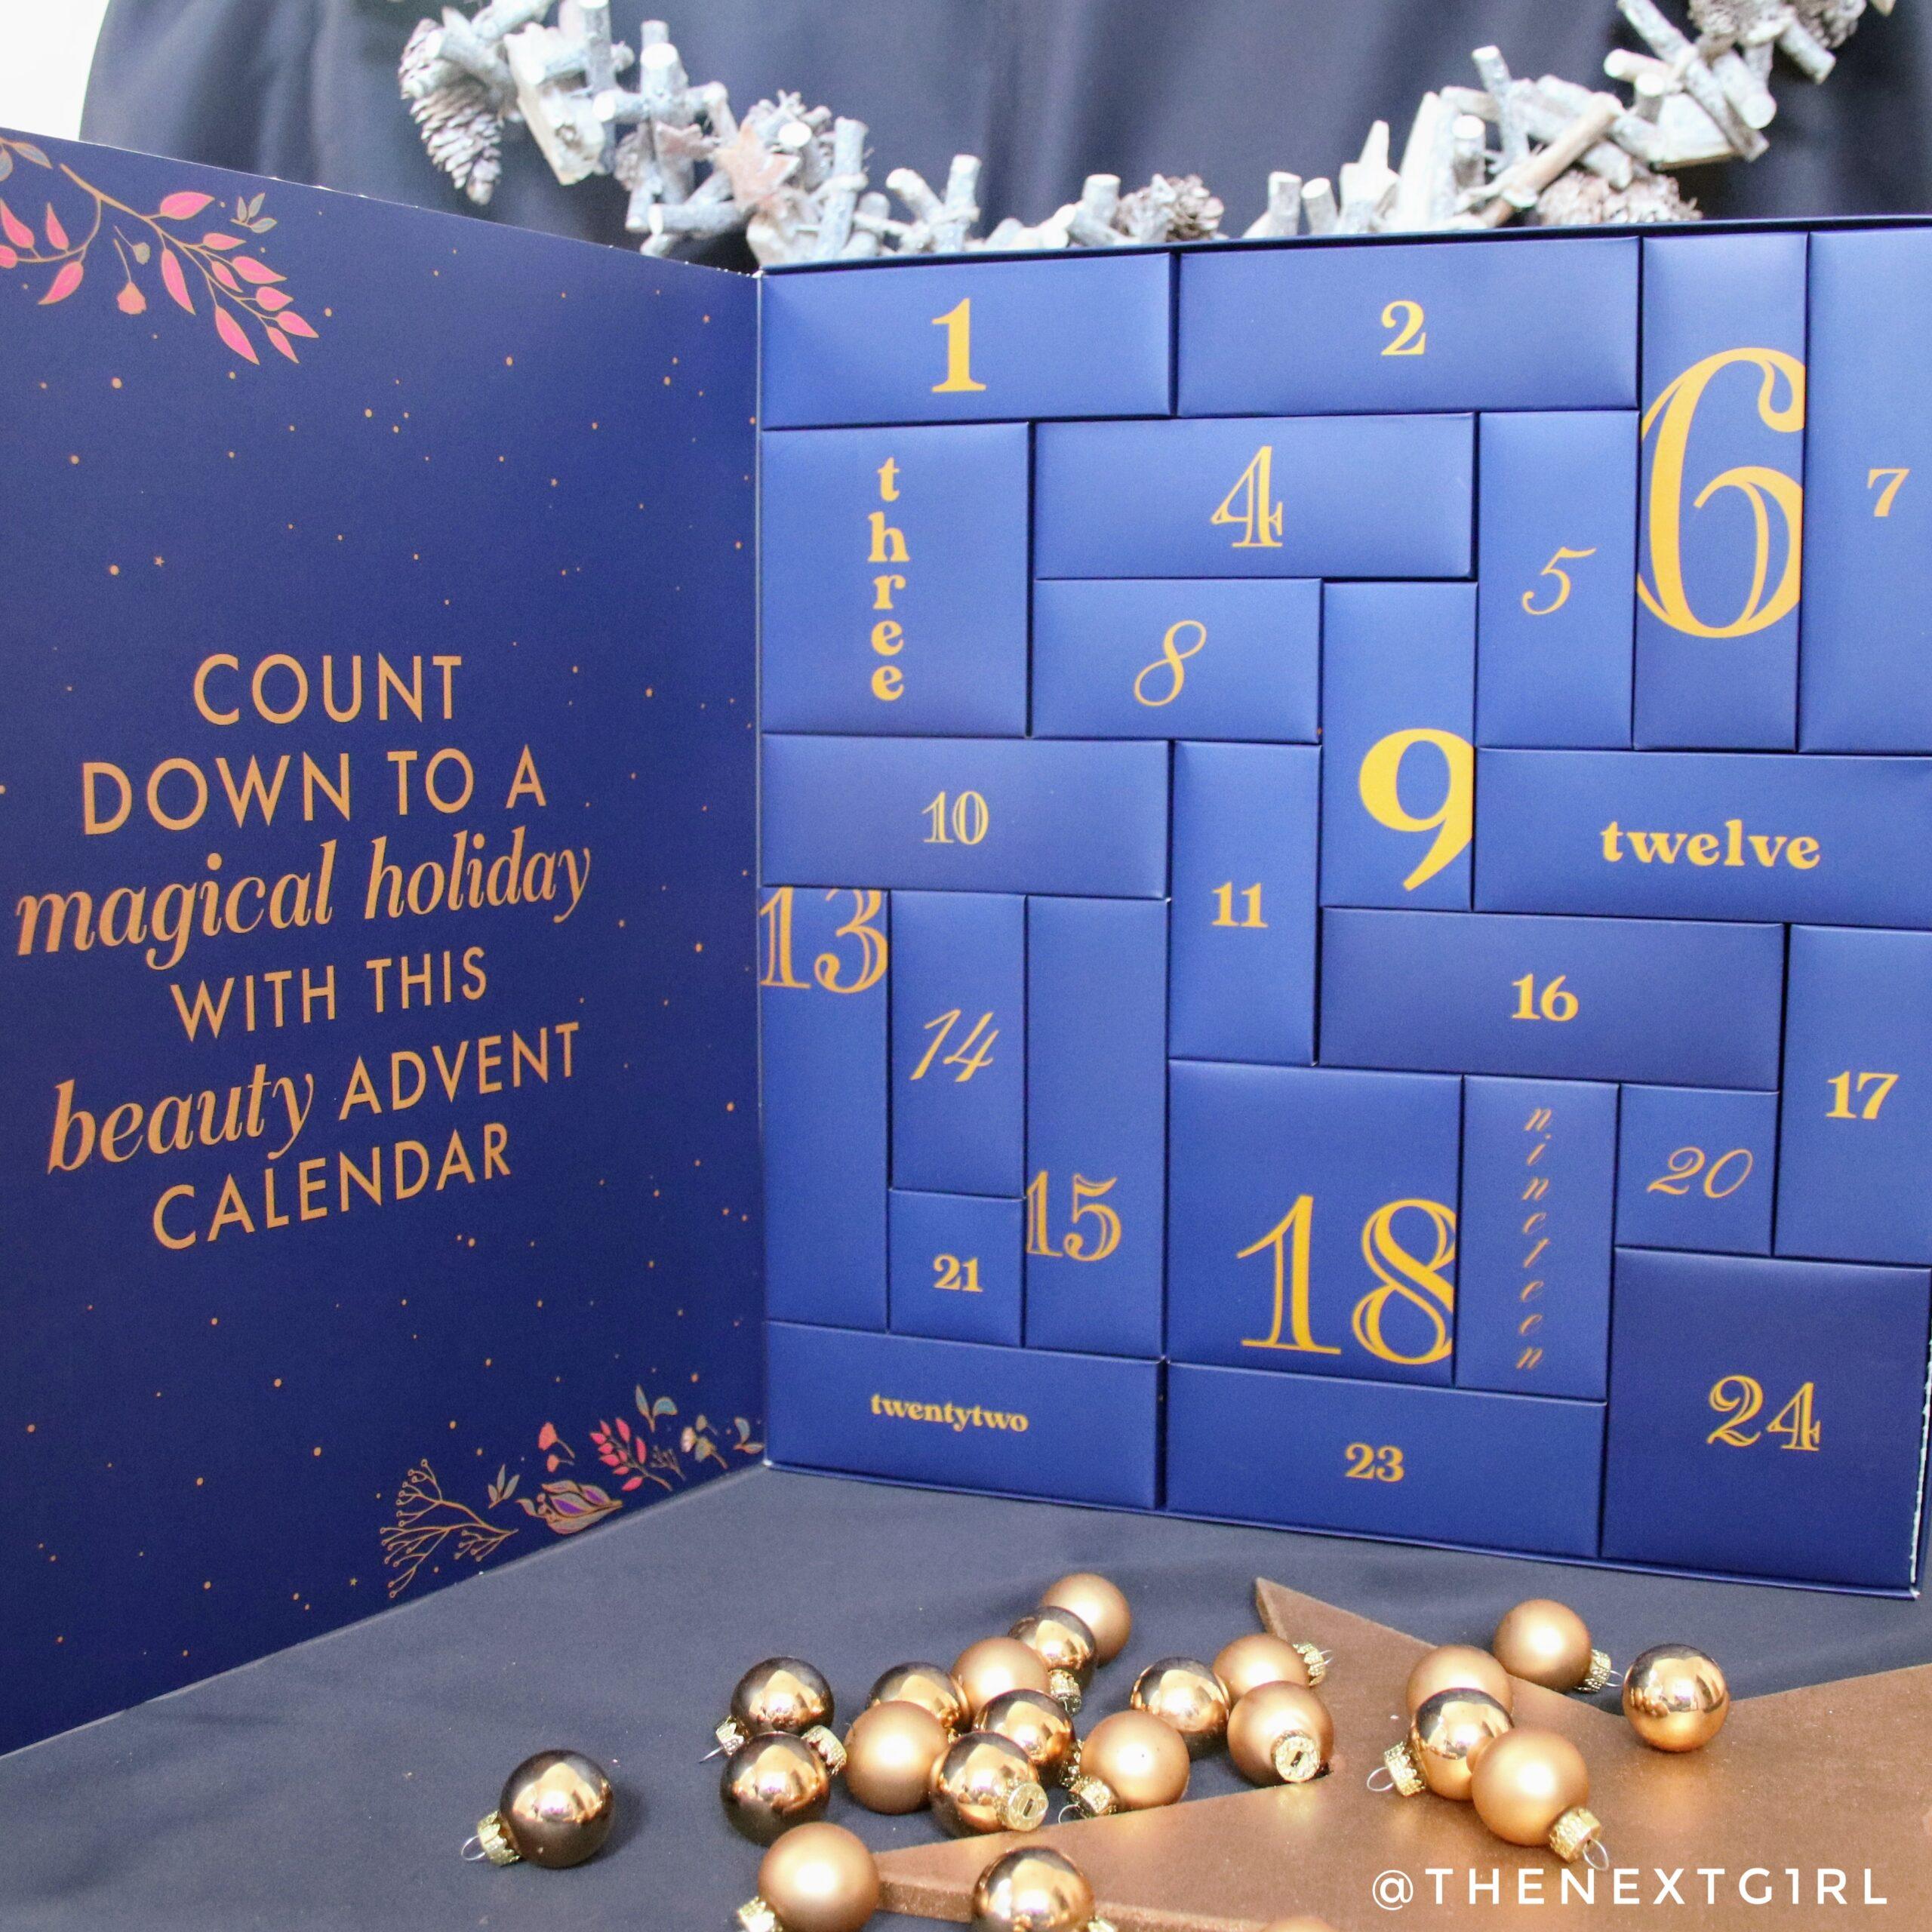 Binnenkant Max & More adventskalender 2020 kerstmis